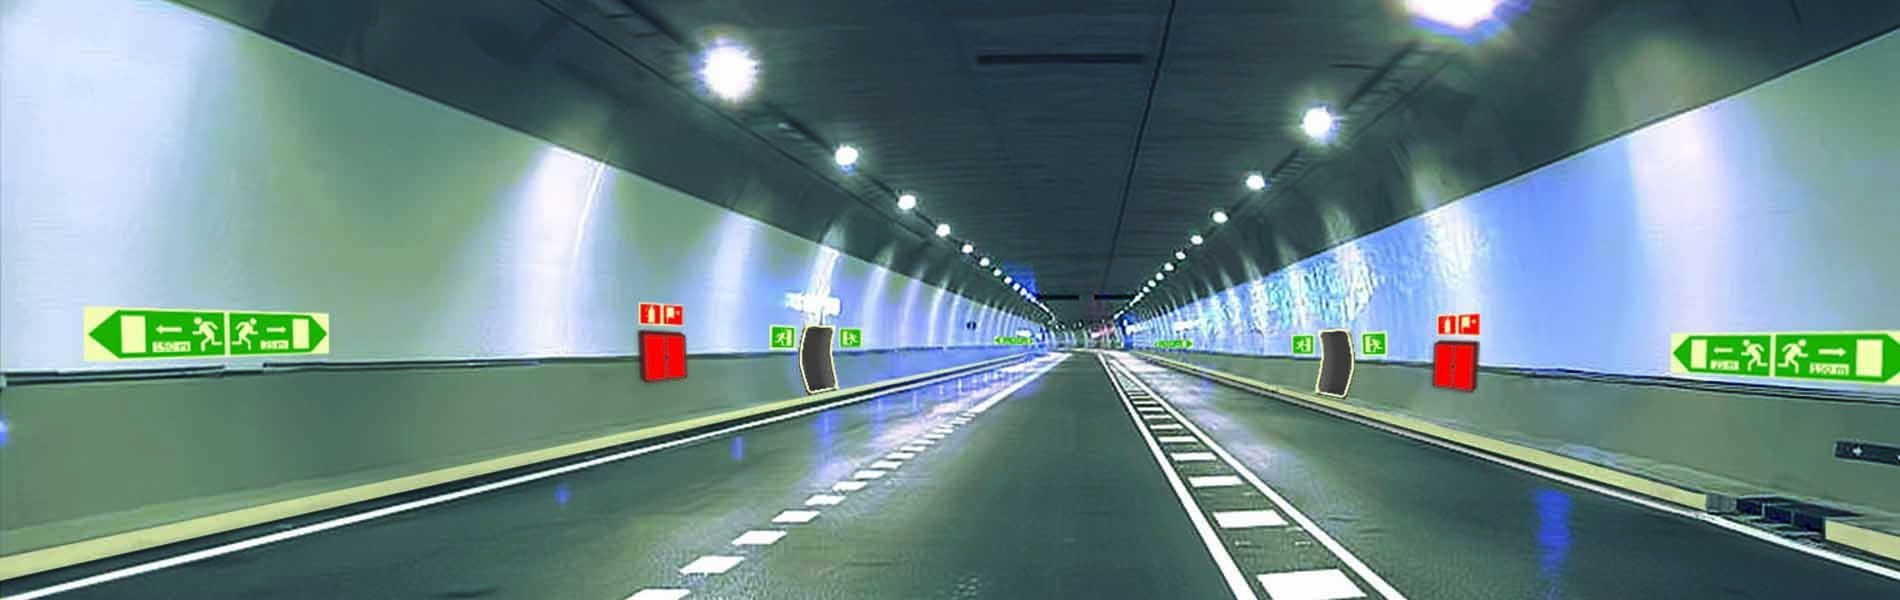 Señalizacion de evacuacion en tuneles